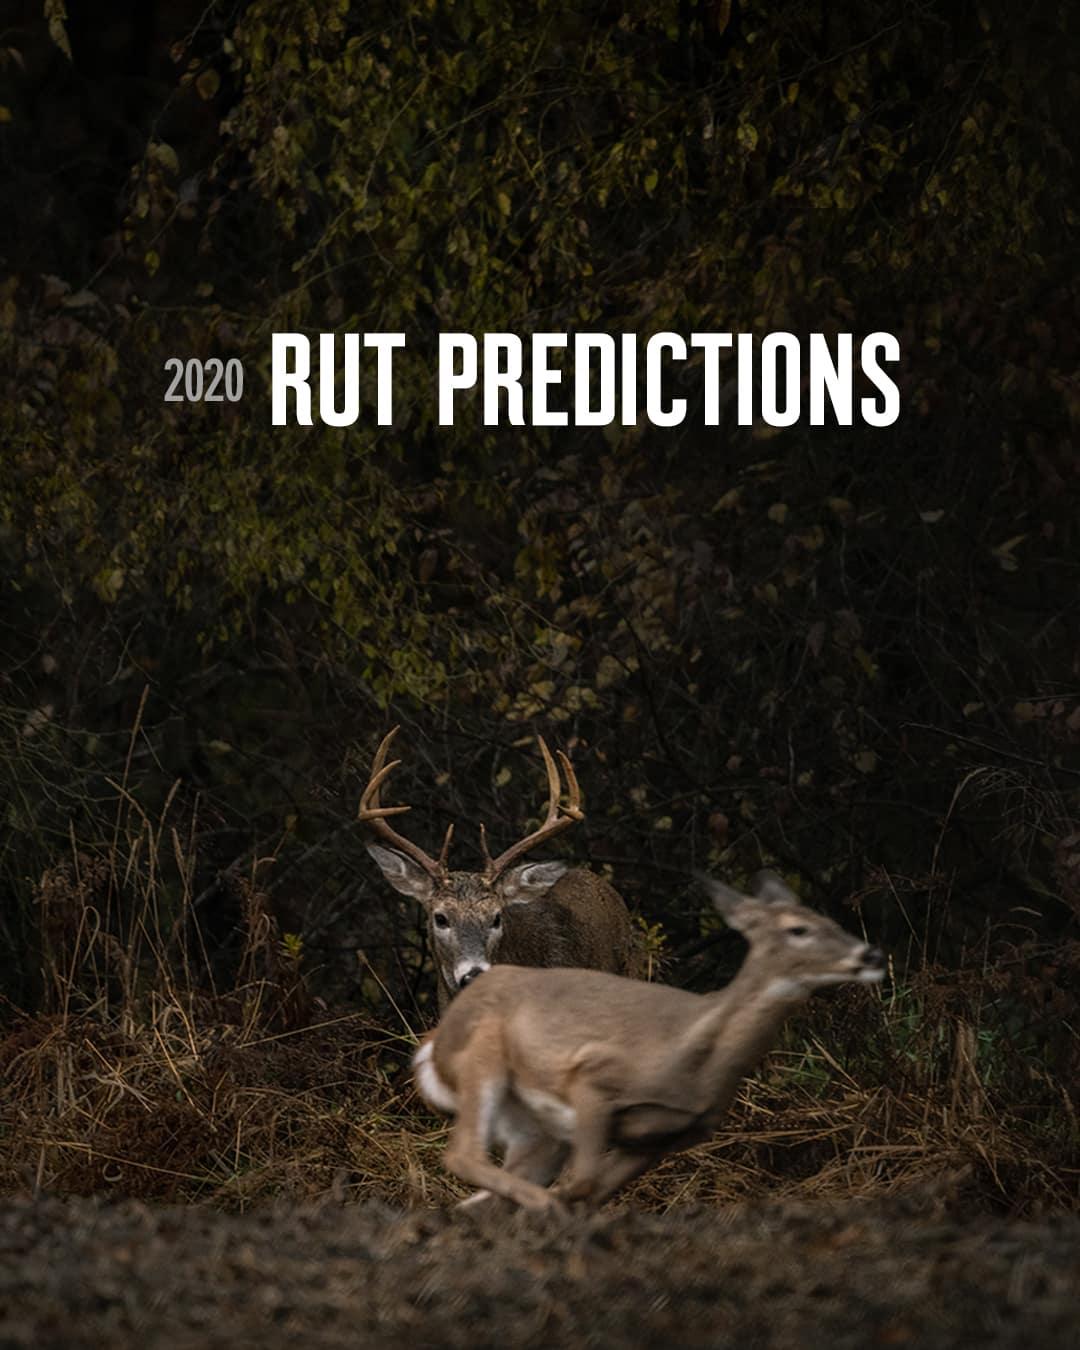 2020 Rut Predictions | Onx Maps regarding 2021 Wisconsin Rut Predictions